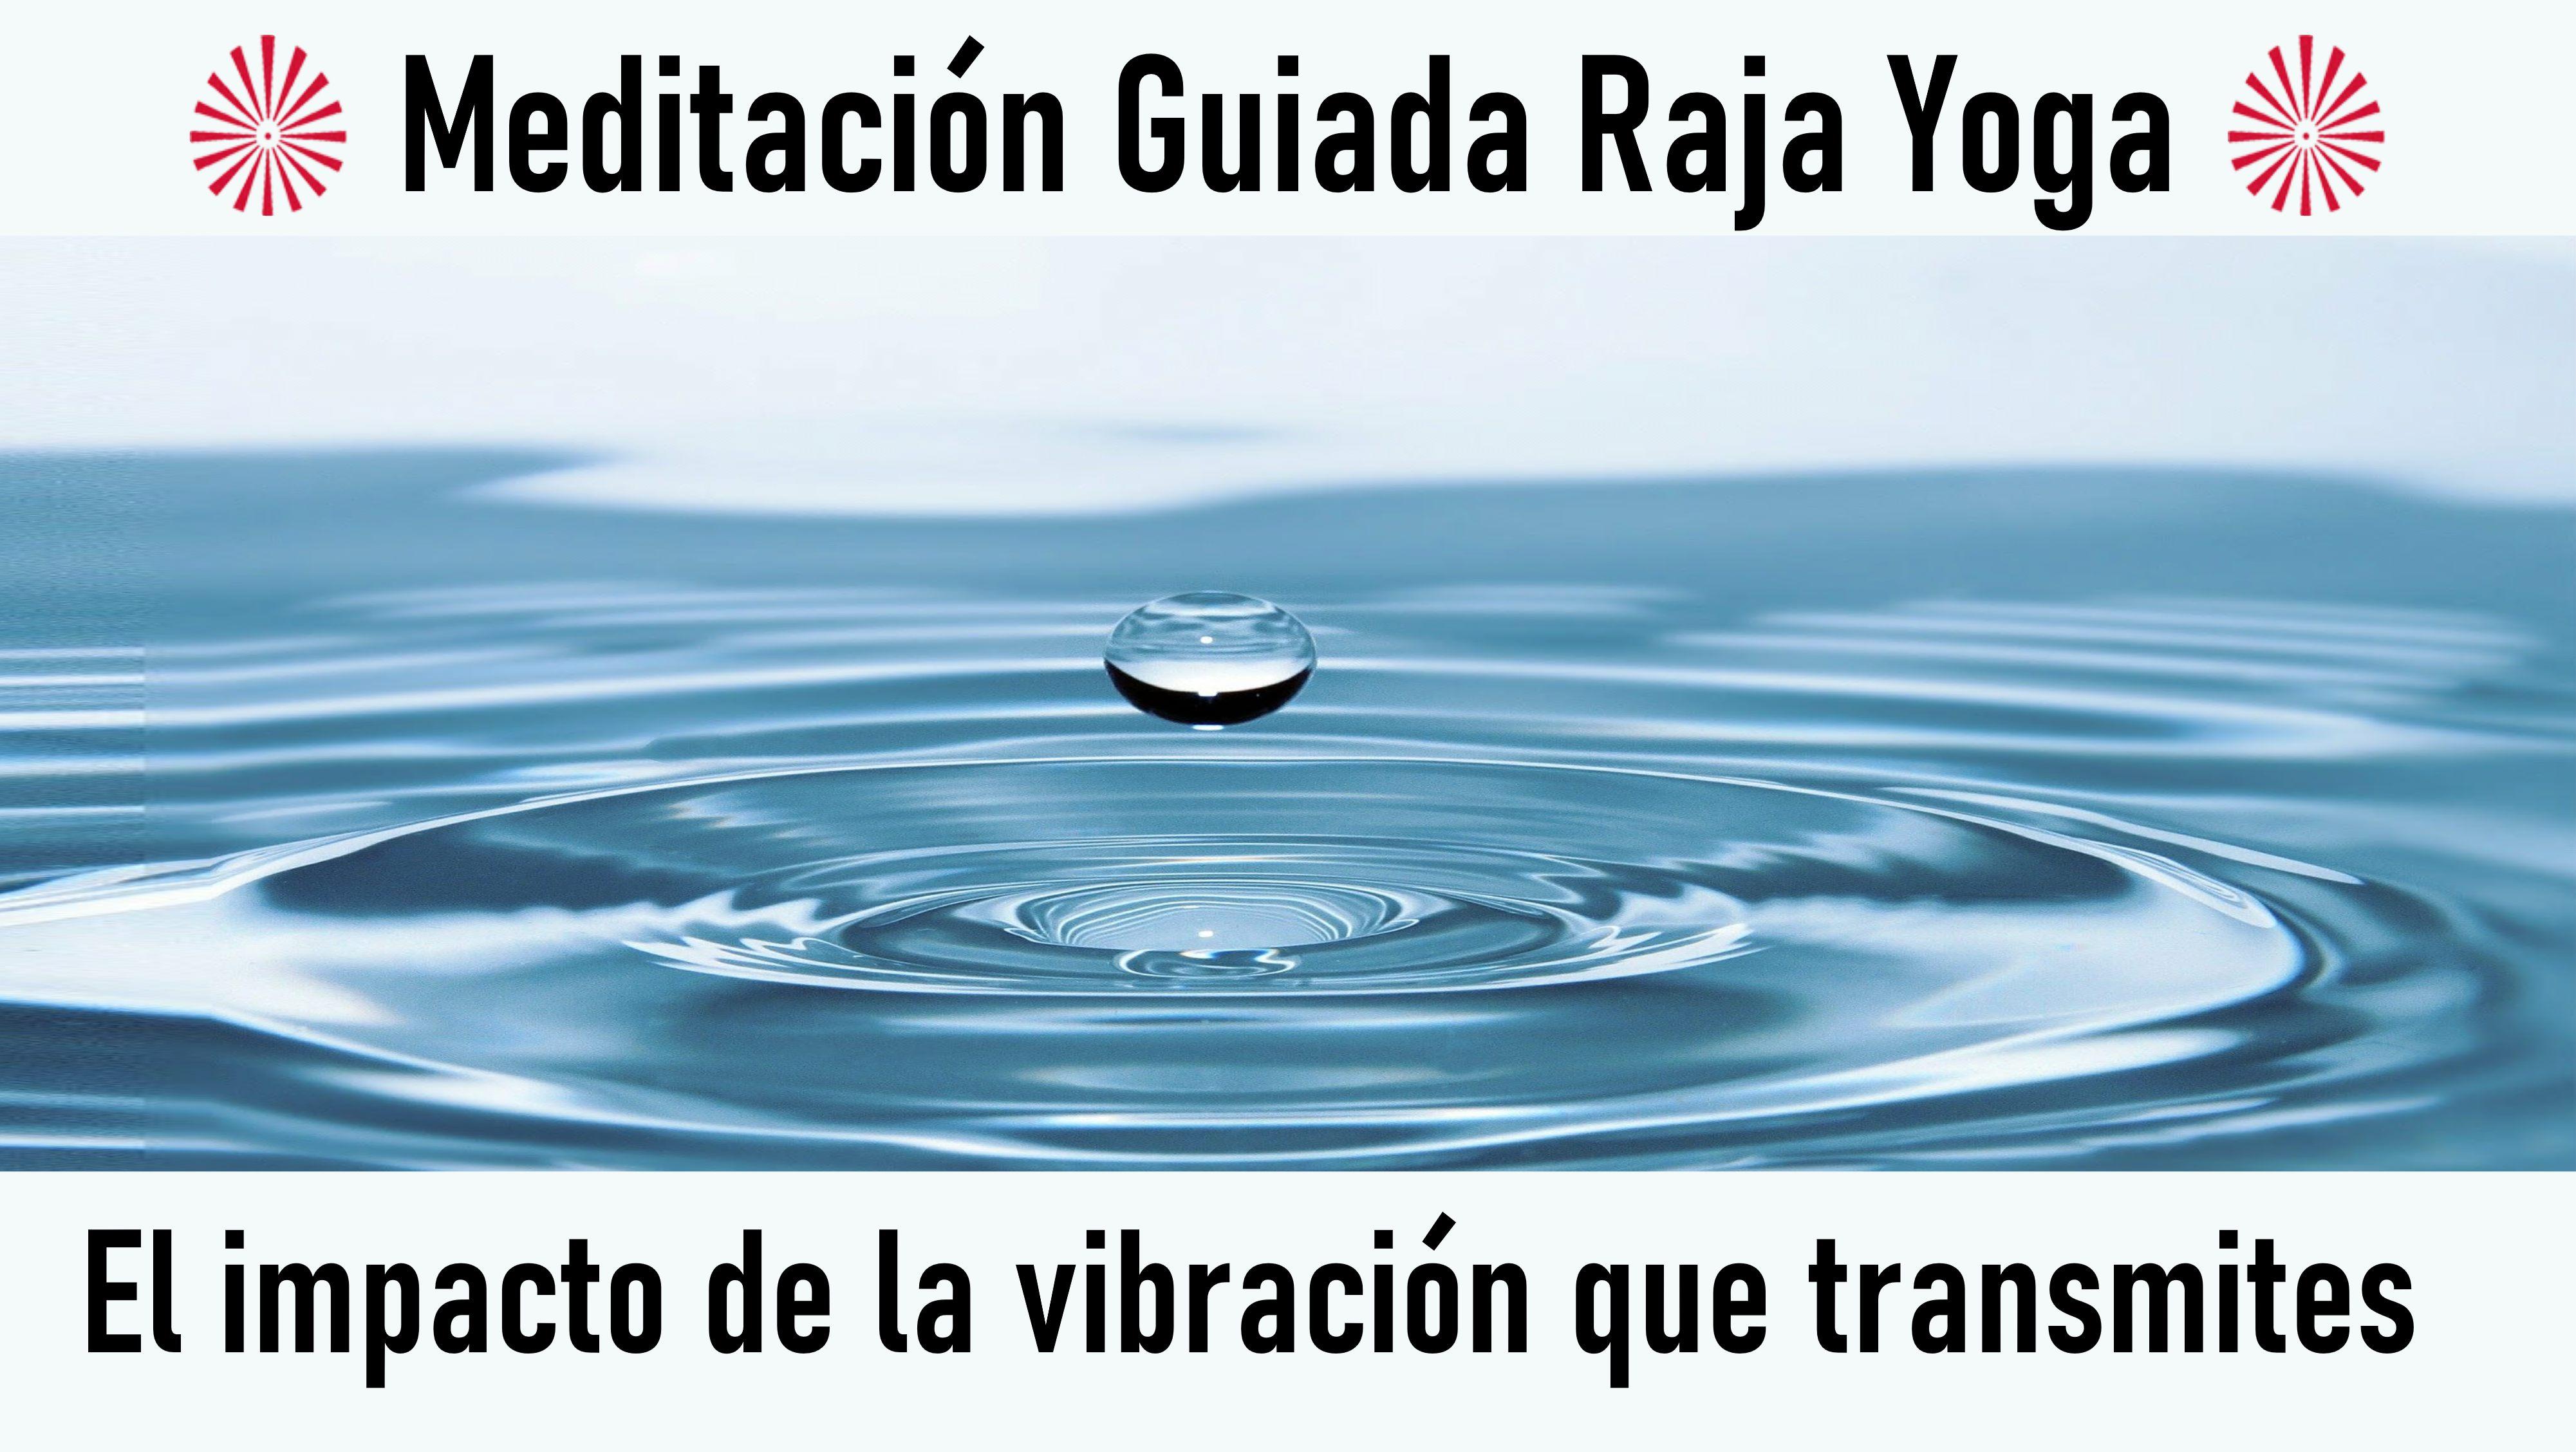 Meditación Raja Yoga: El impacto de la vibración que transmites (23 Julio 2020) On-line desde Barcelona